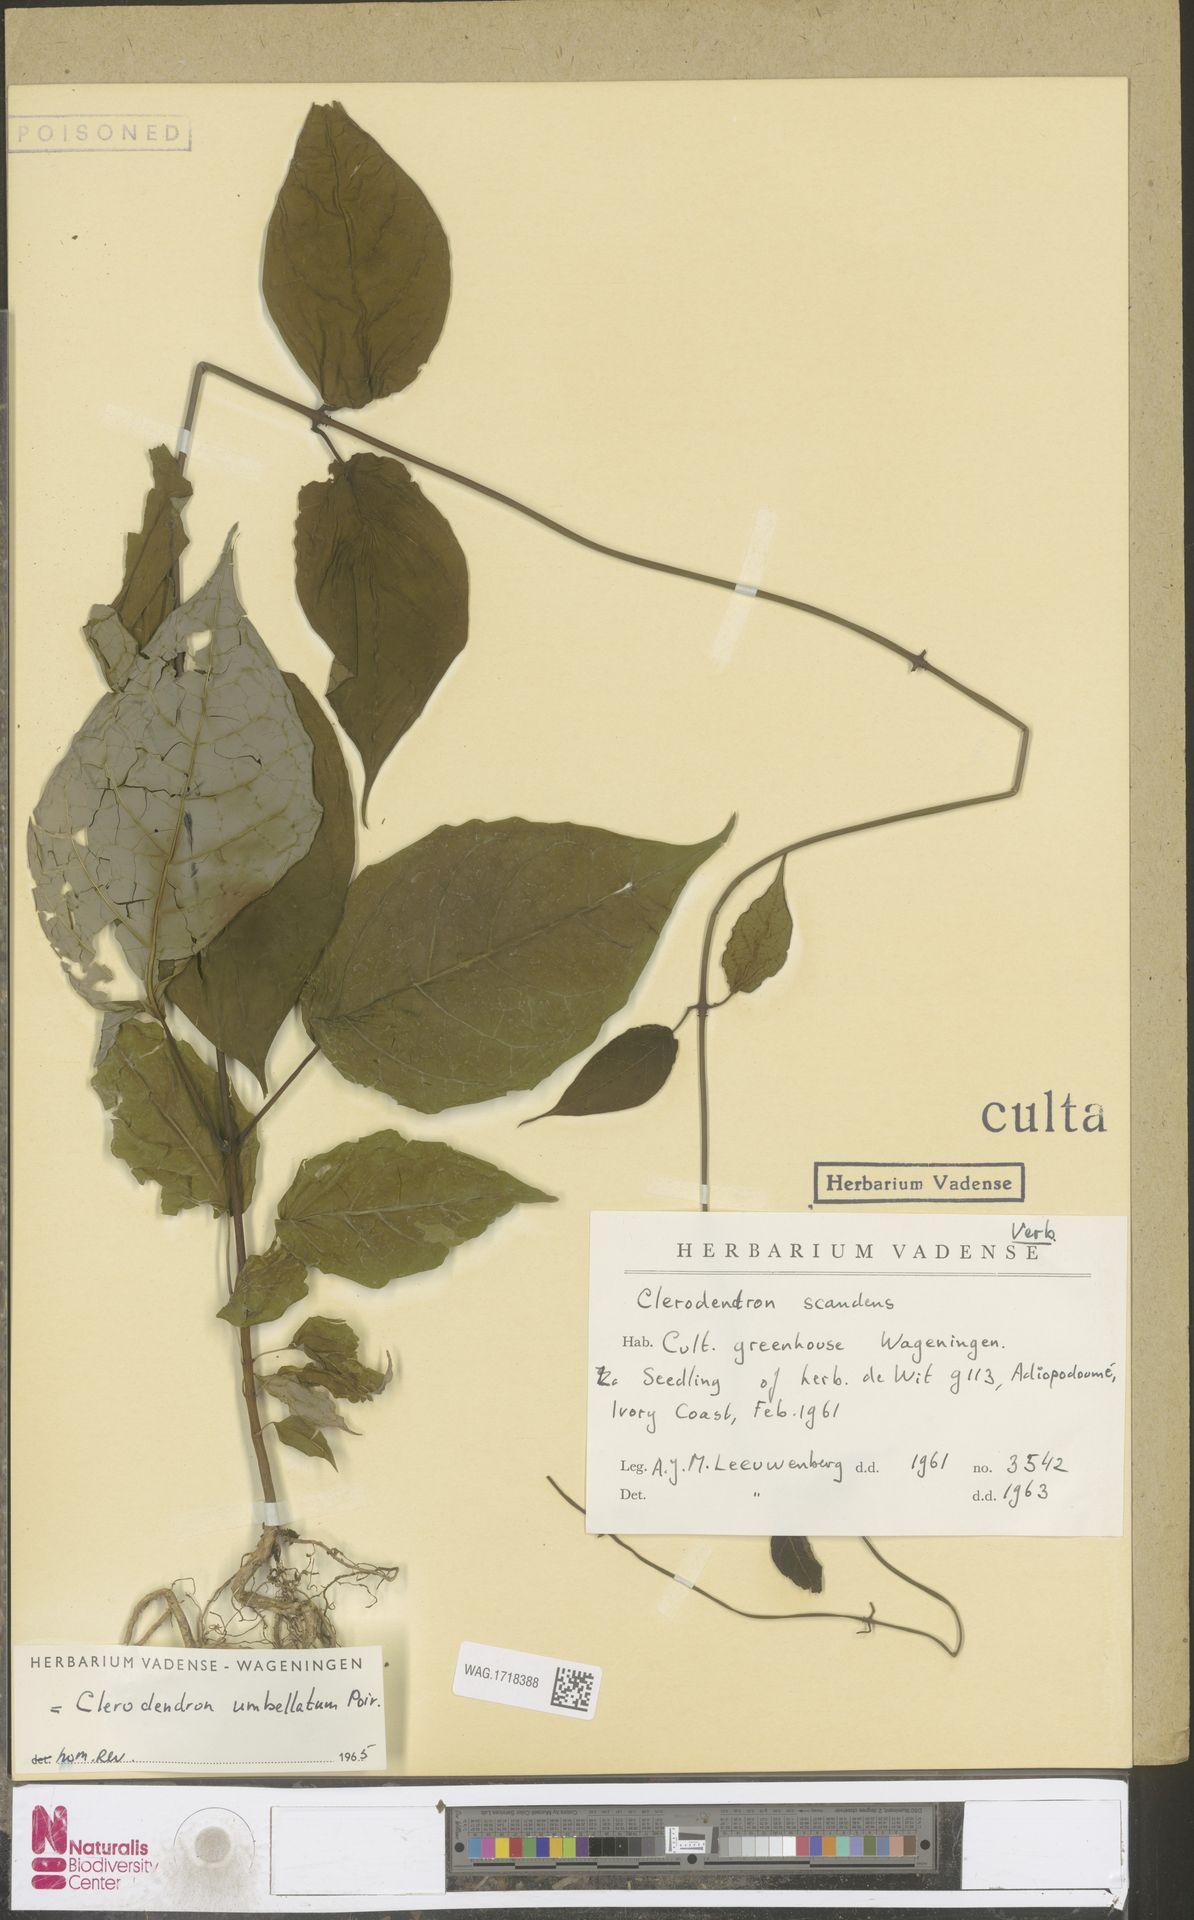 WAG.1718388 | Clerodendrum umbellatum Poir.